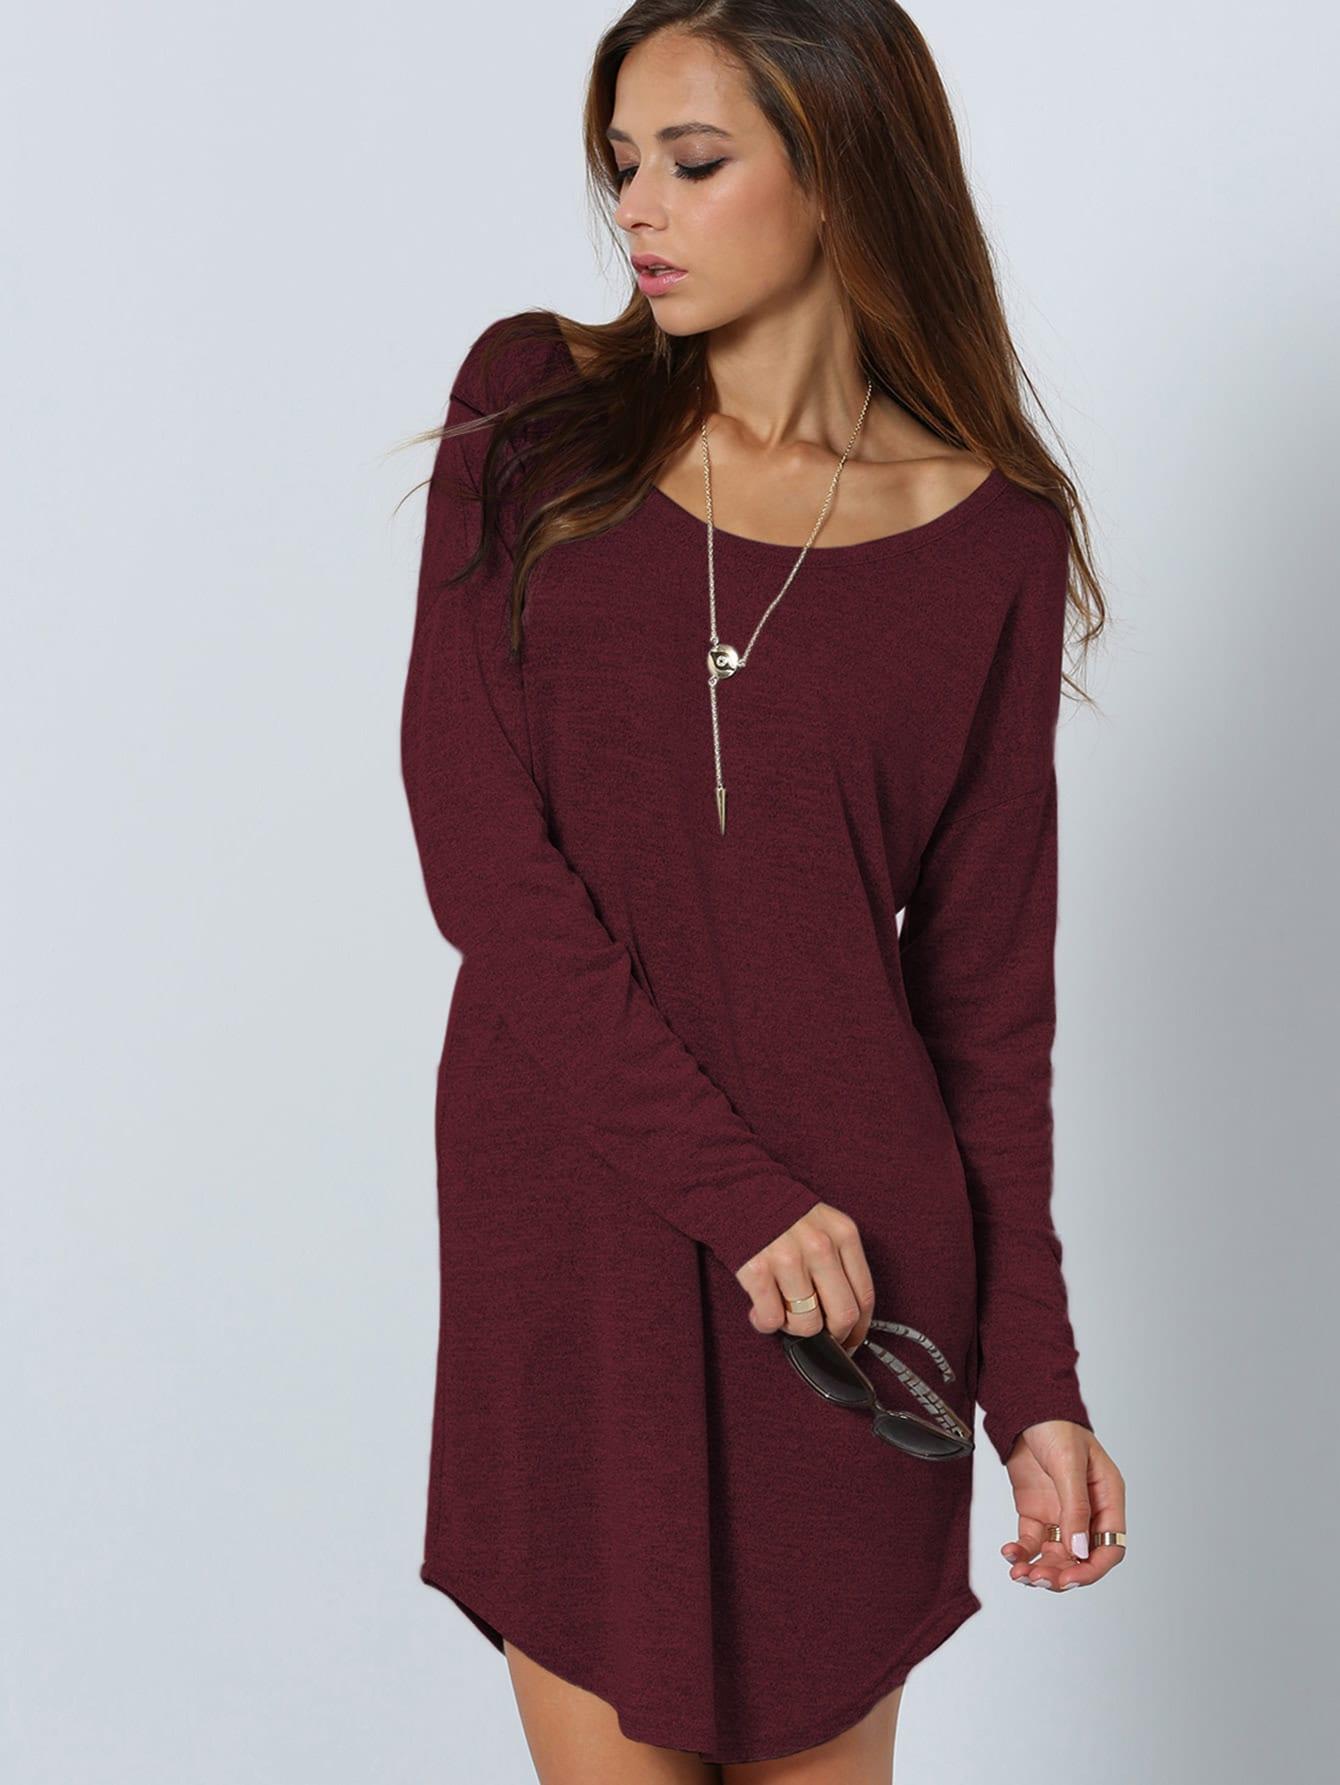 V Cut Back Curved Hem Dress red fox шорты multi light женские 50 1000 черный ss17